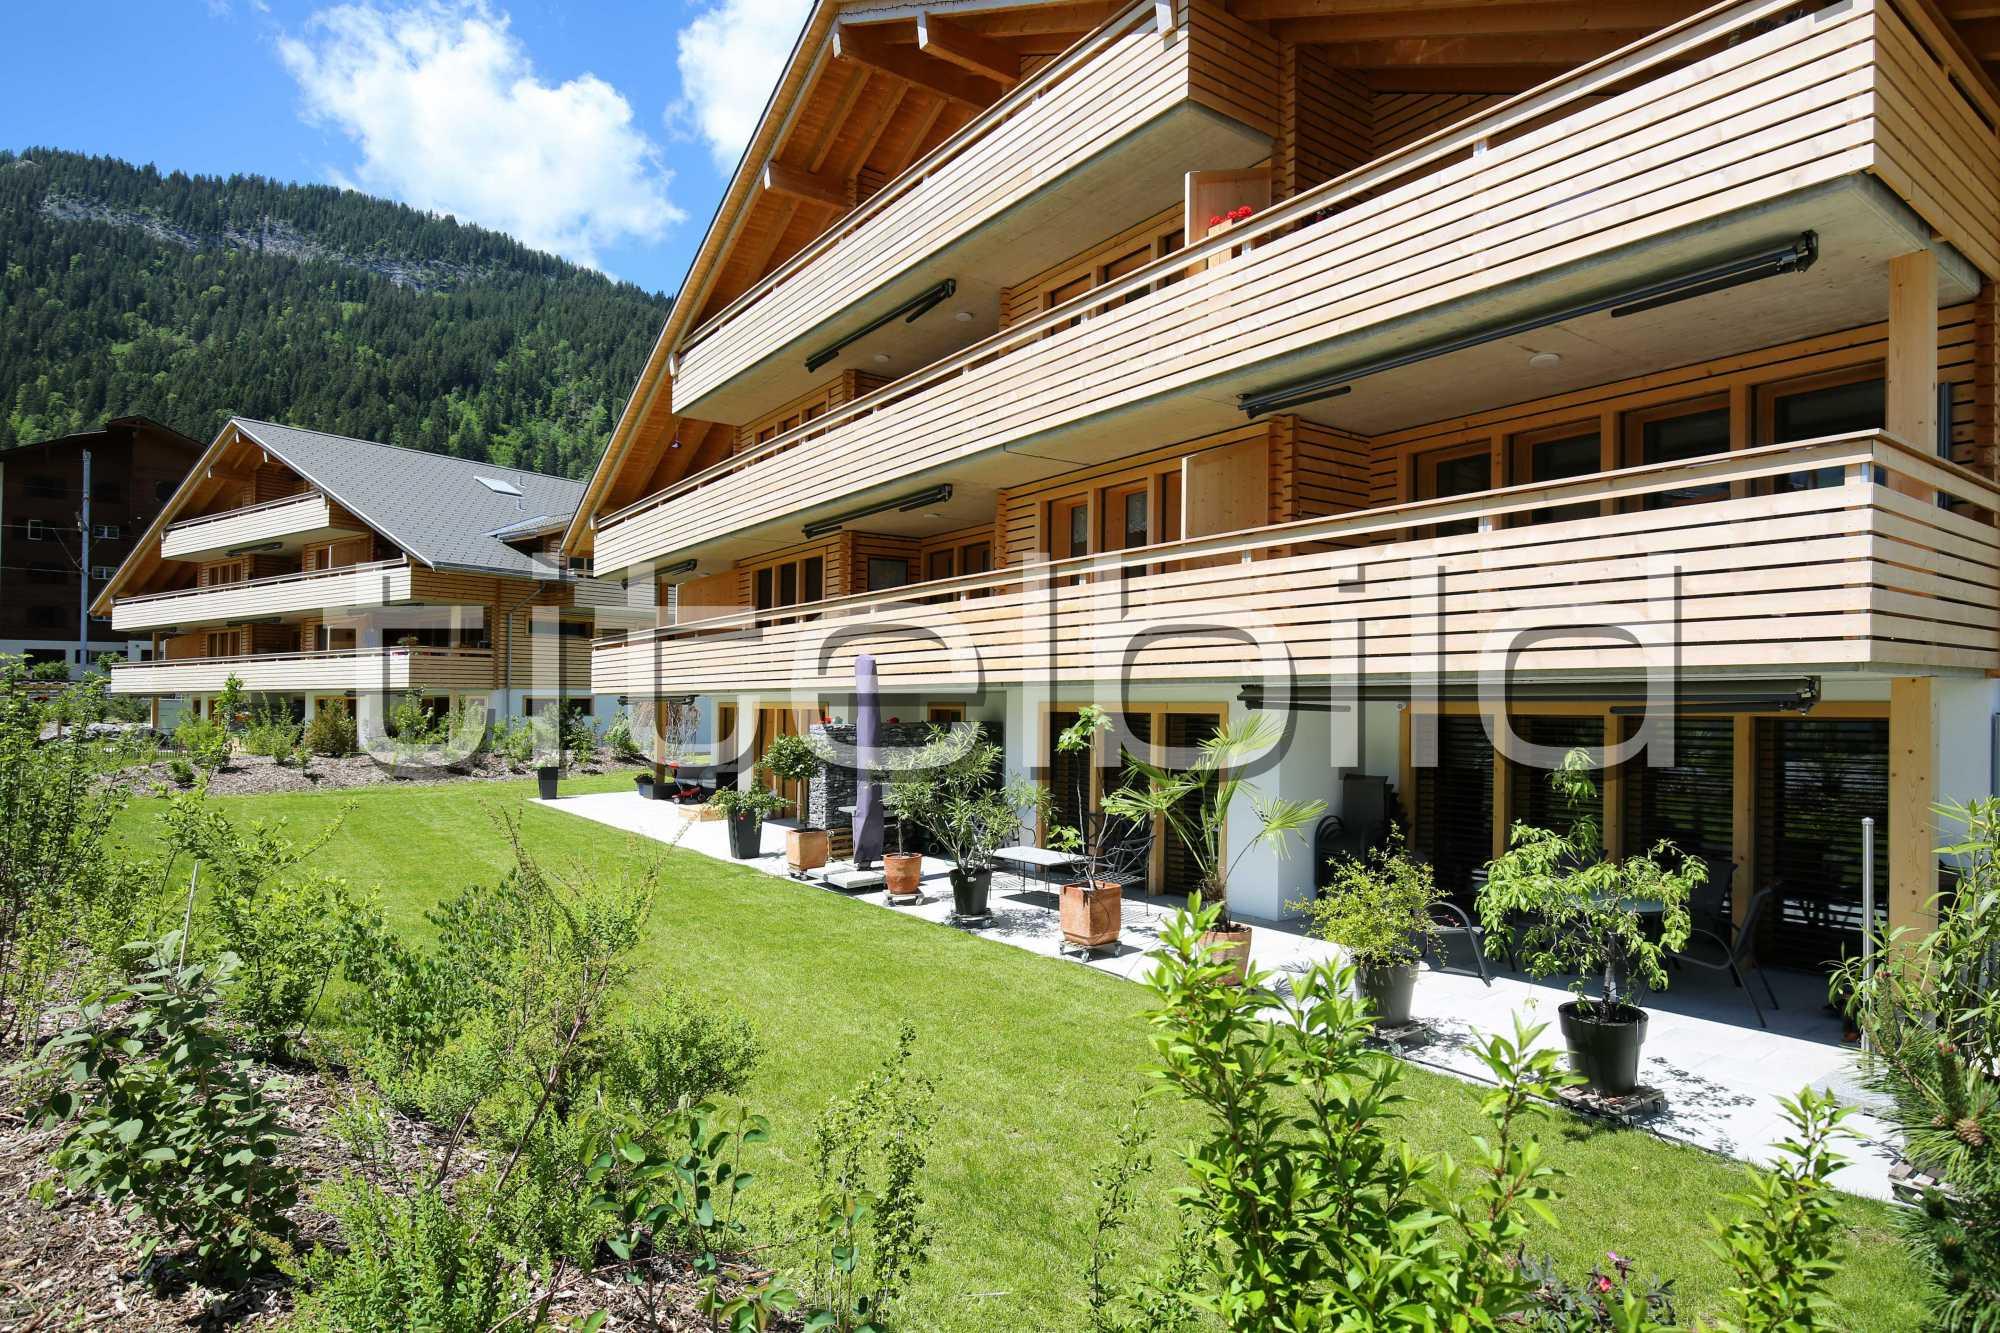 Projektbild-Nr. 3: Mehrfamilienhaus Tüll, Zweisimmen